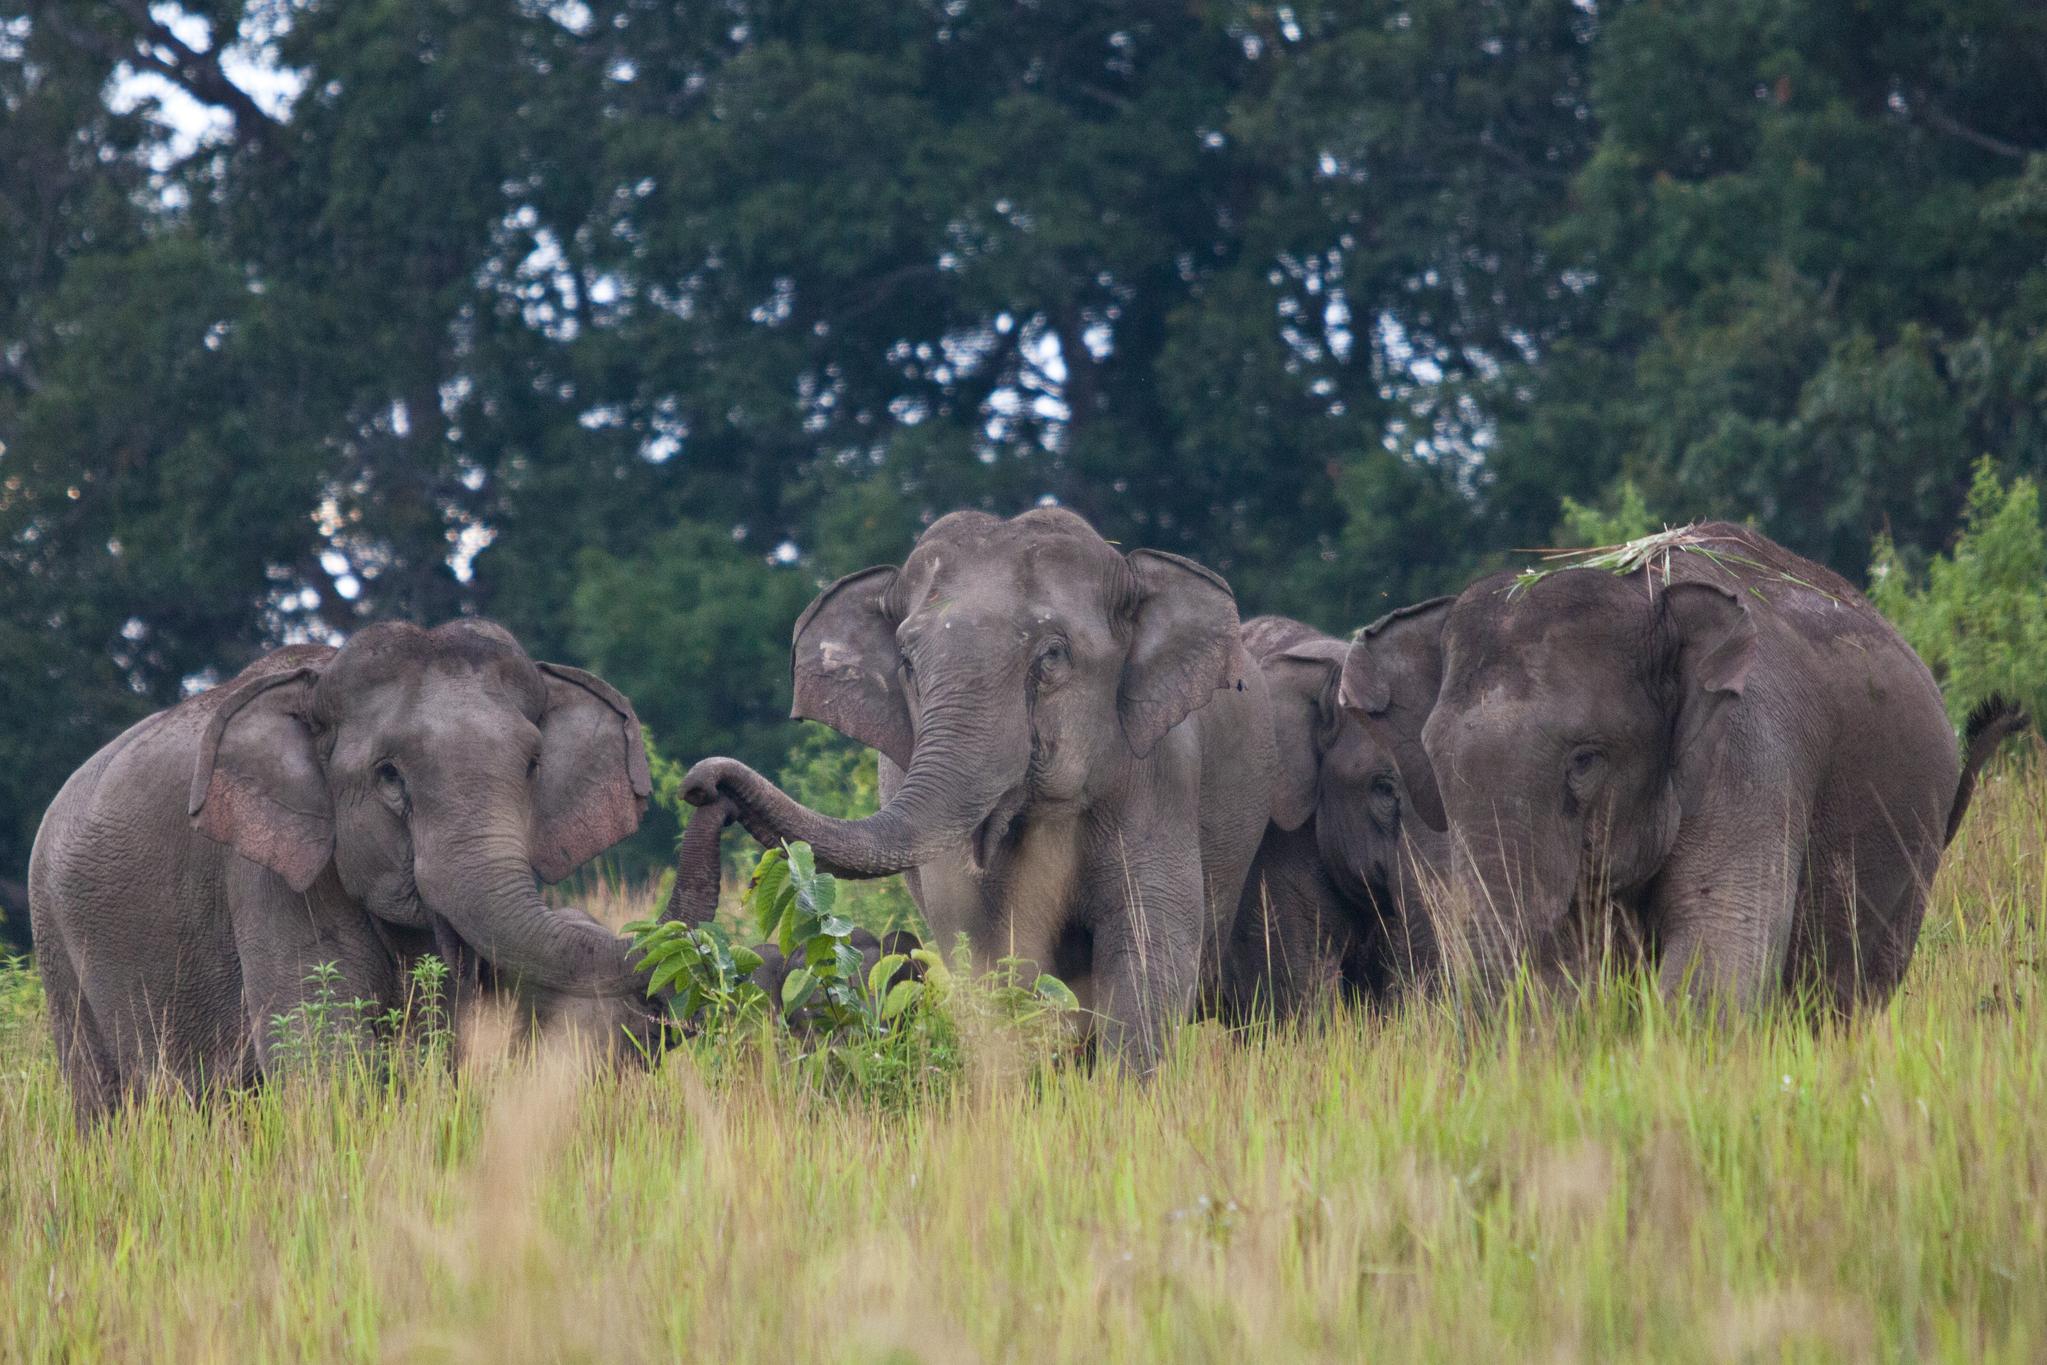 코끼리는 국내 동물원에서도 볼 수 있지만 야생에서 마주한 감격과 비교할 순 없다. 카오야이 국립공원 초원에서 만난 코끼리 가족. 안전요원의 통제에 따라 50~70m 거리에서 봤다. 최승표 기자